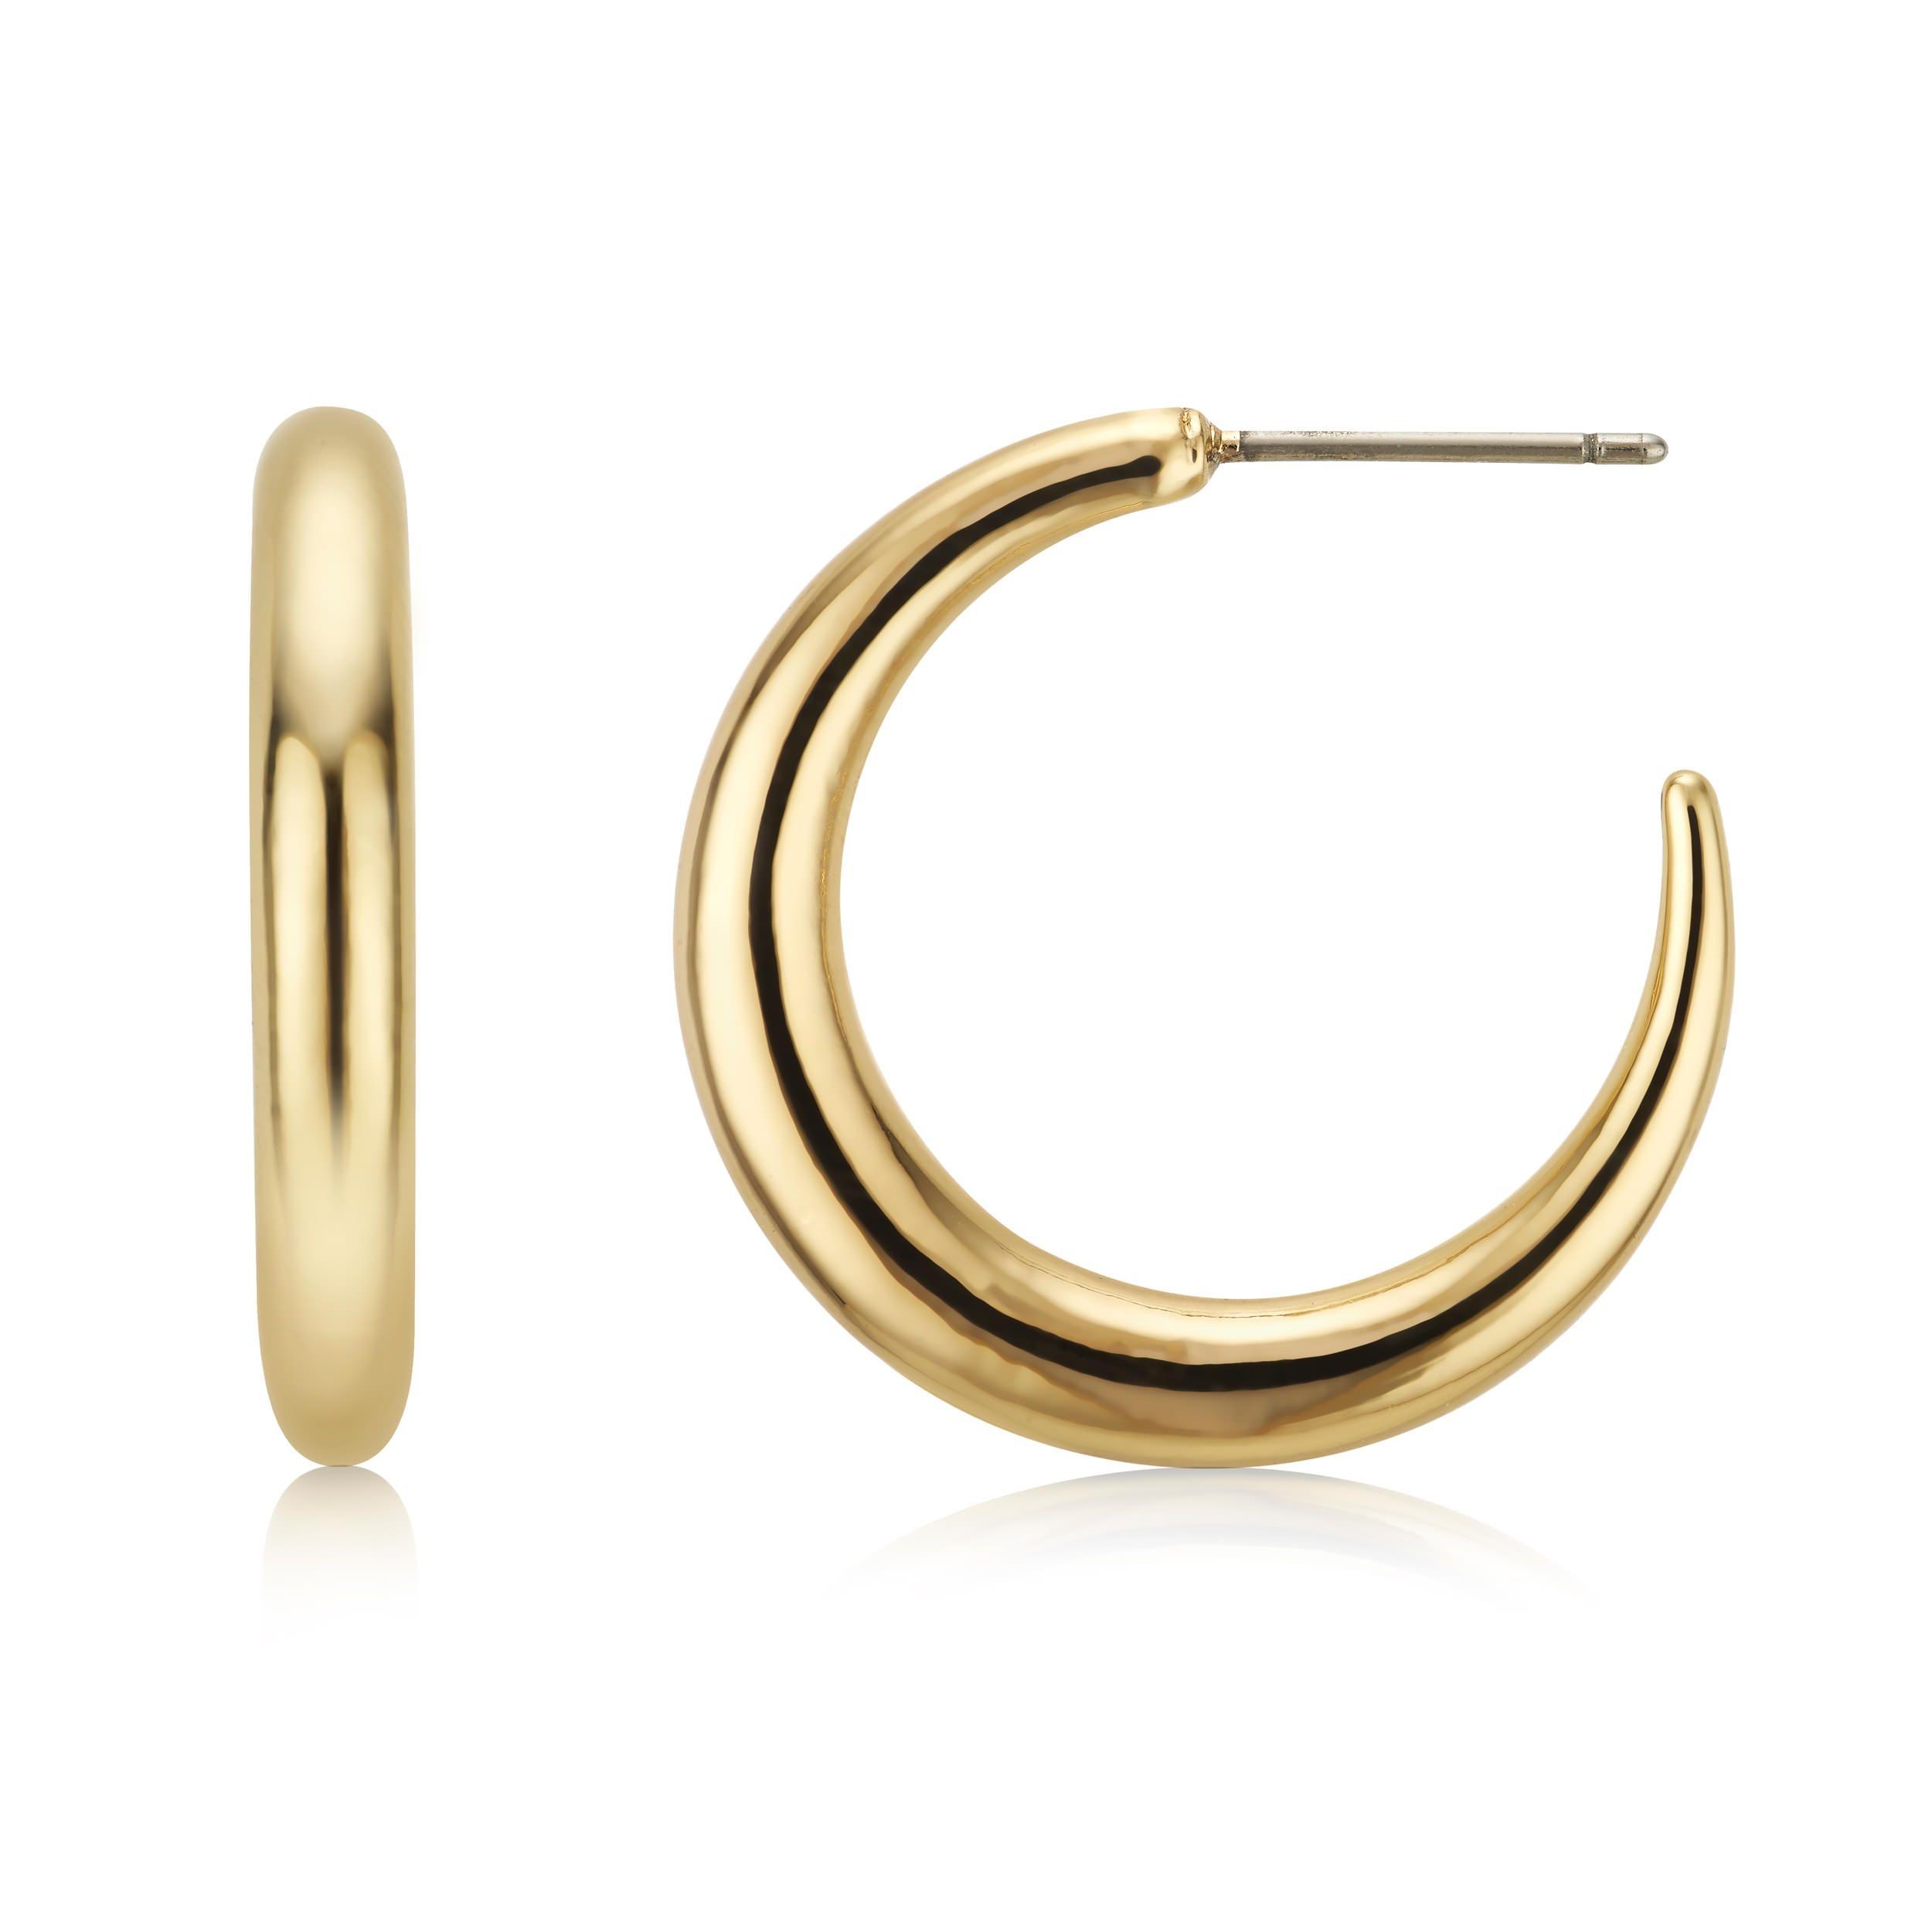 Buckley London Goulding Large Hoop Earrings - Gold